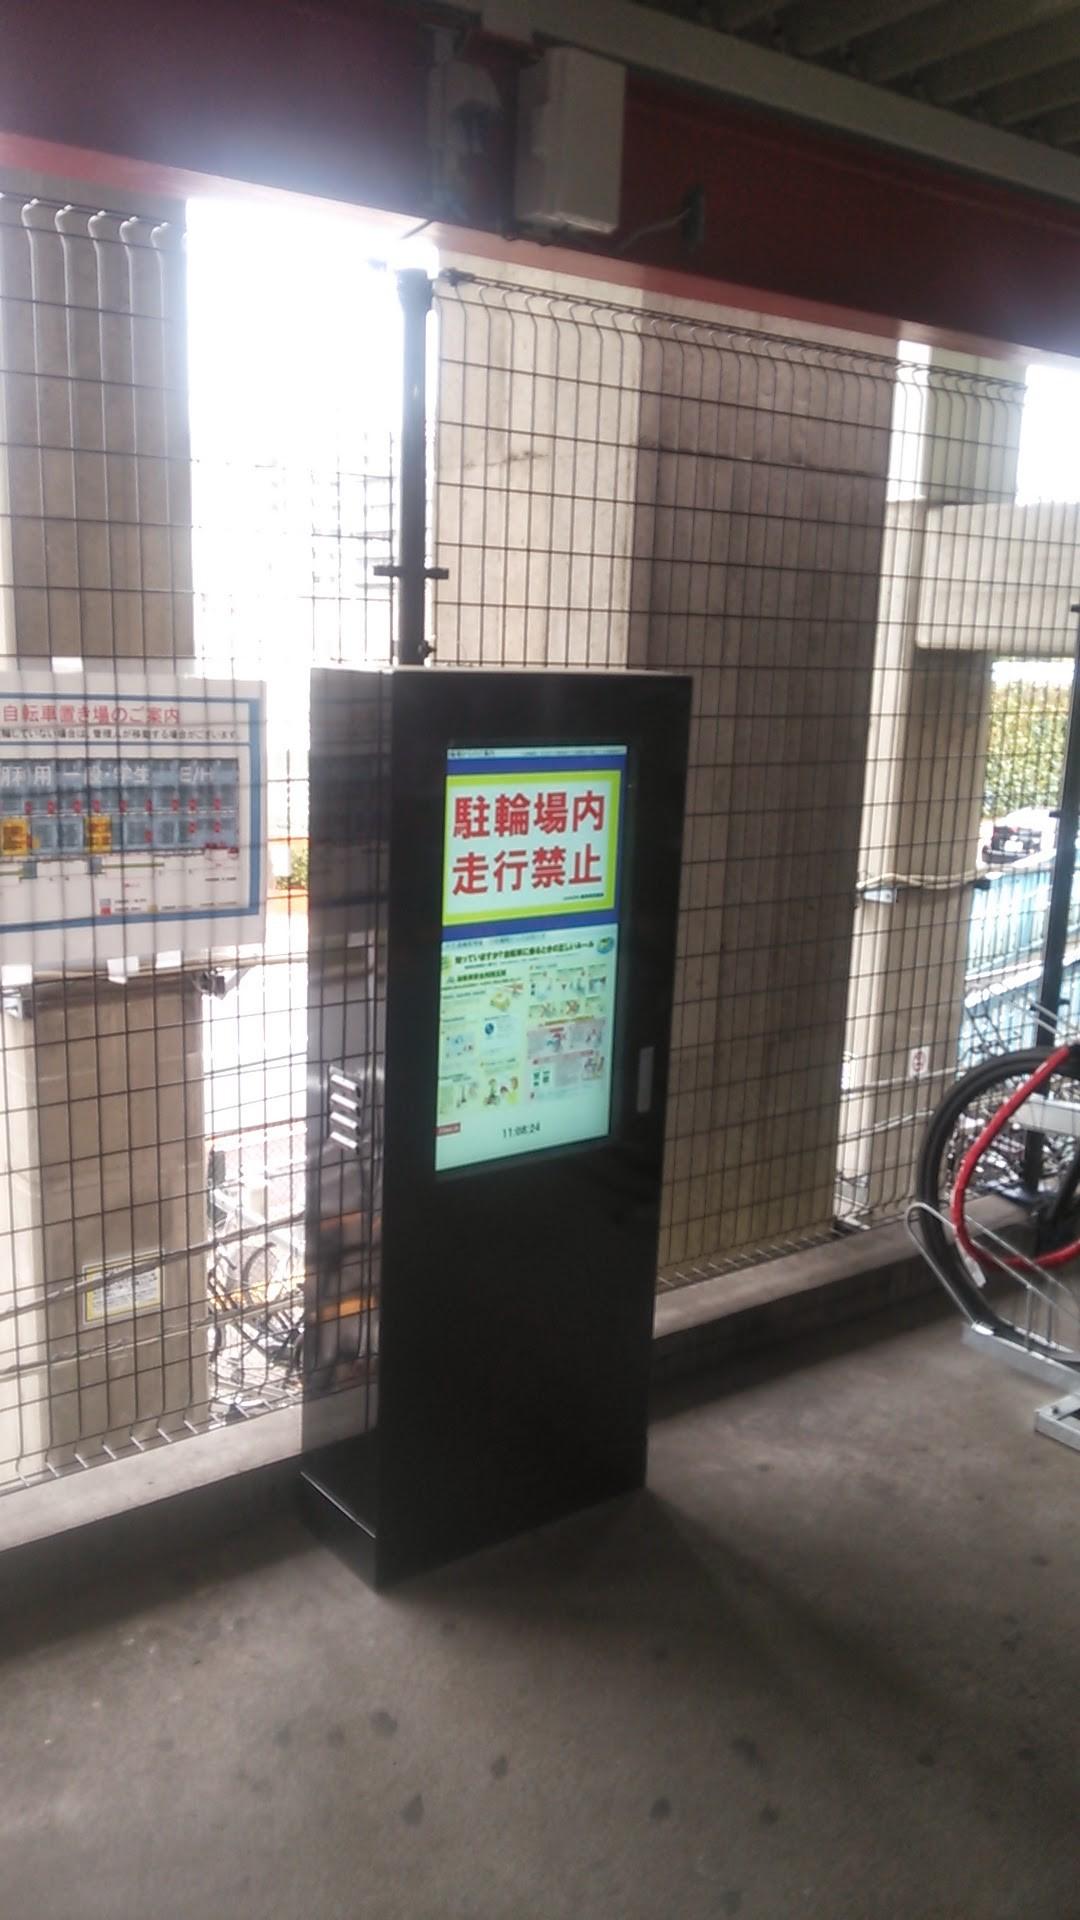 設置事例 屋外用デジタルサイネージ 55インチ・32インチ 高輝度 アンカー固定 駐輪場設置 事例